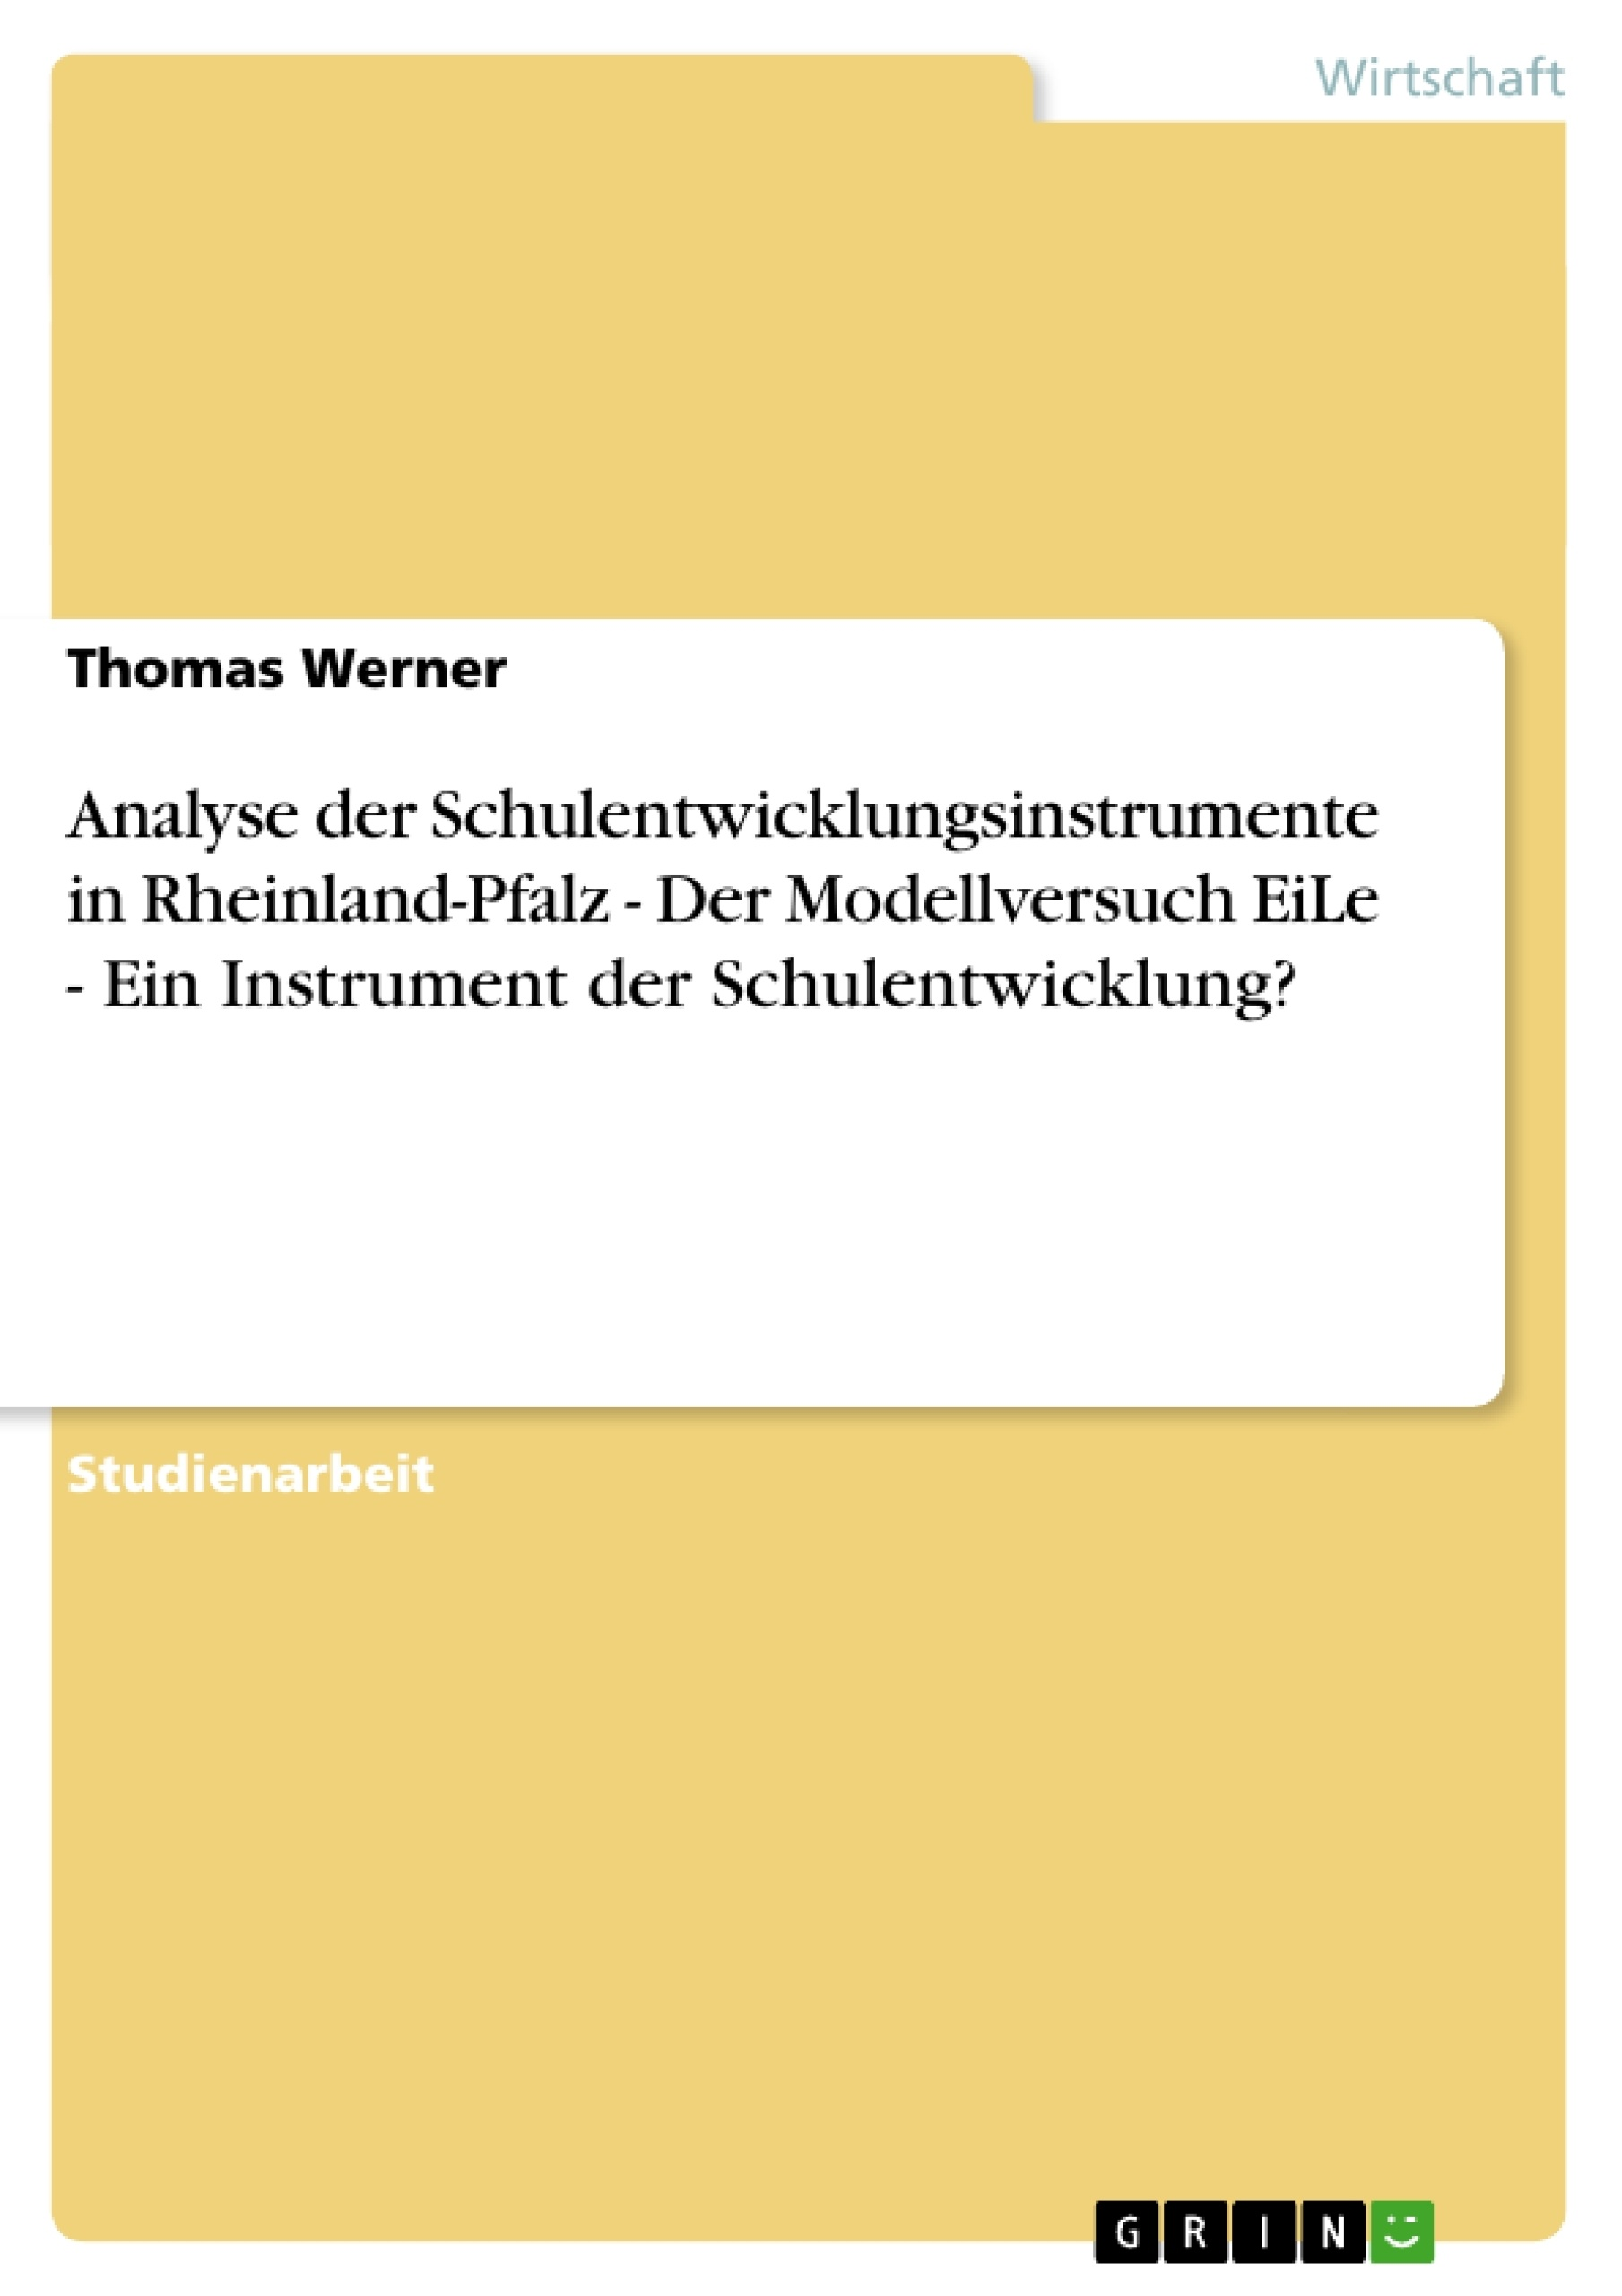 Titel: Analyse der Schulentwicklungsinstrumente in Rheinland-Pfalz - Der Modellversuch EiLe - Ein Instrument der Schulentwicklung?